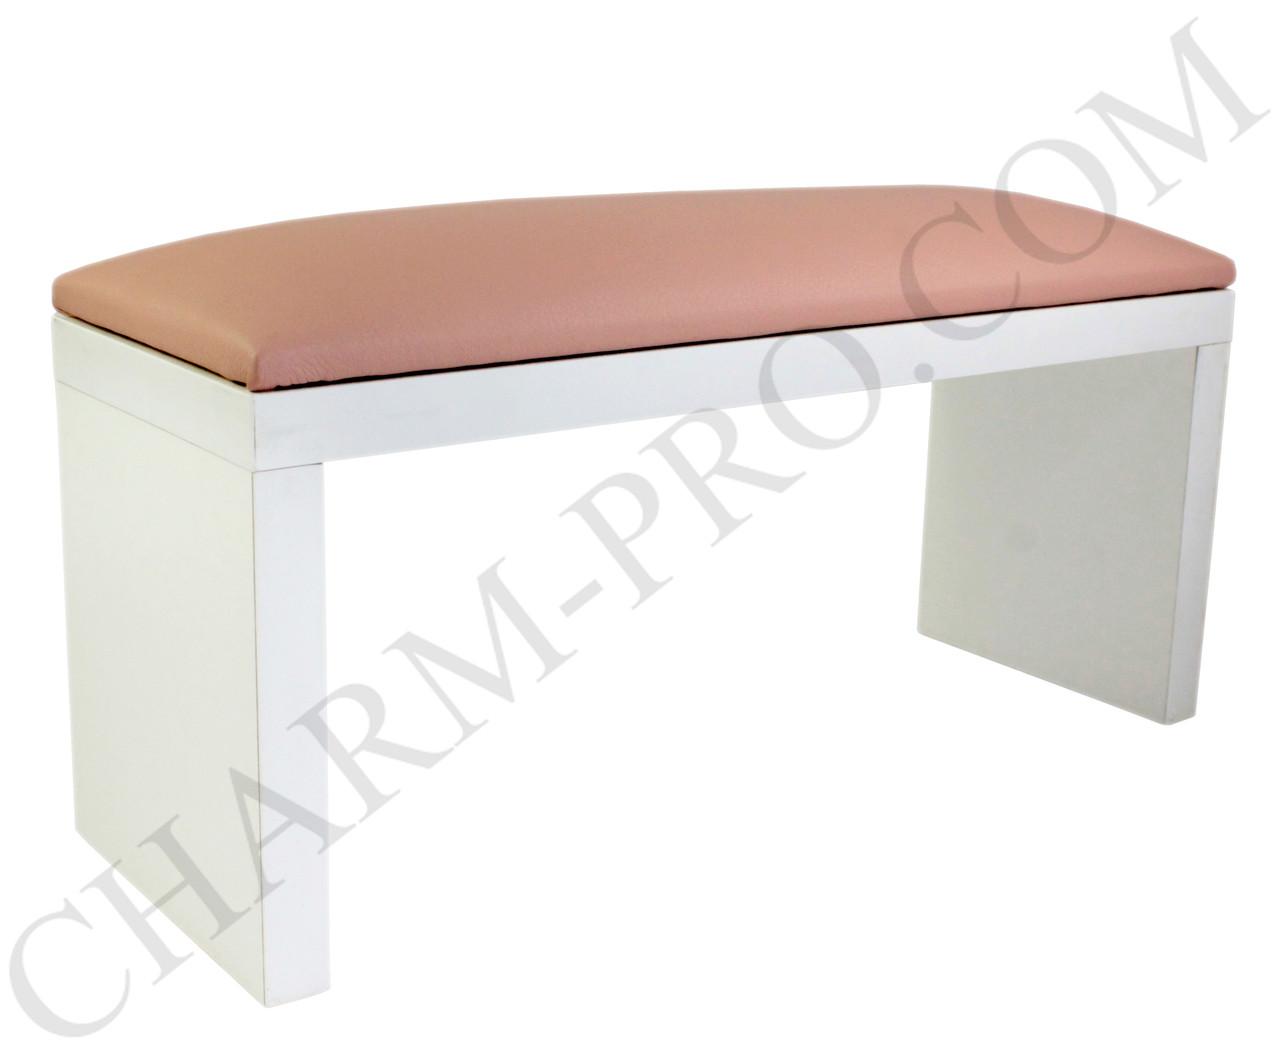 Маникюрная подставка для рук (Подлокотник) Розовая на белых ножках